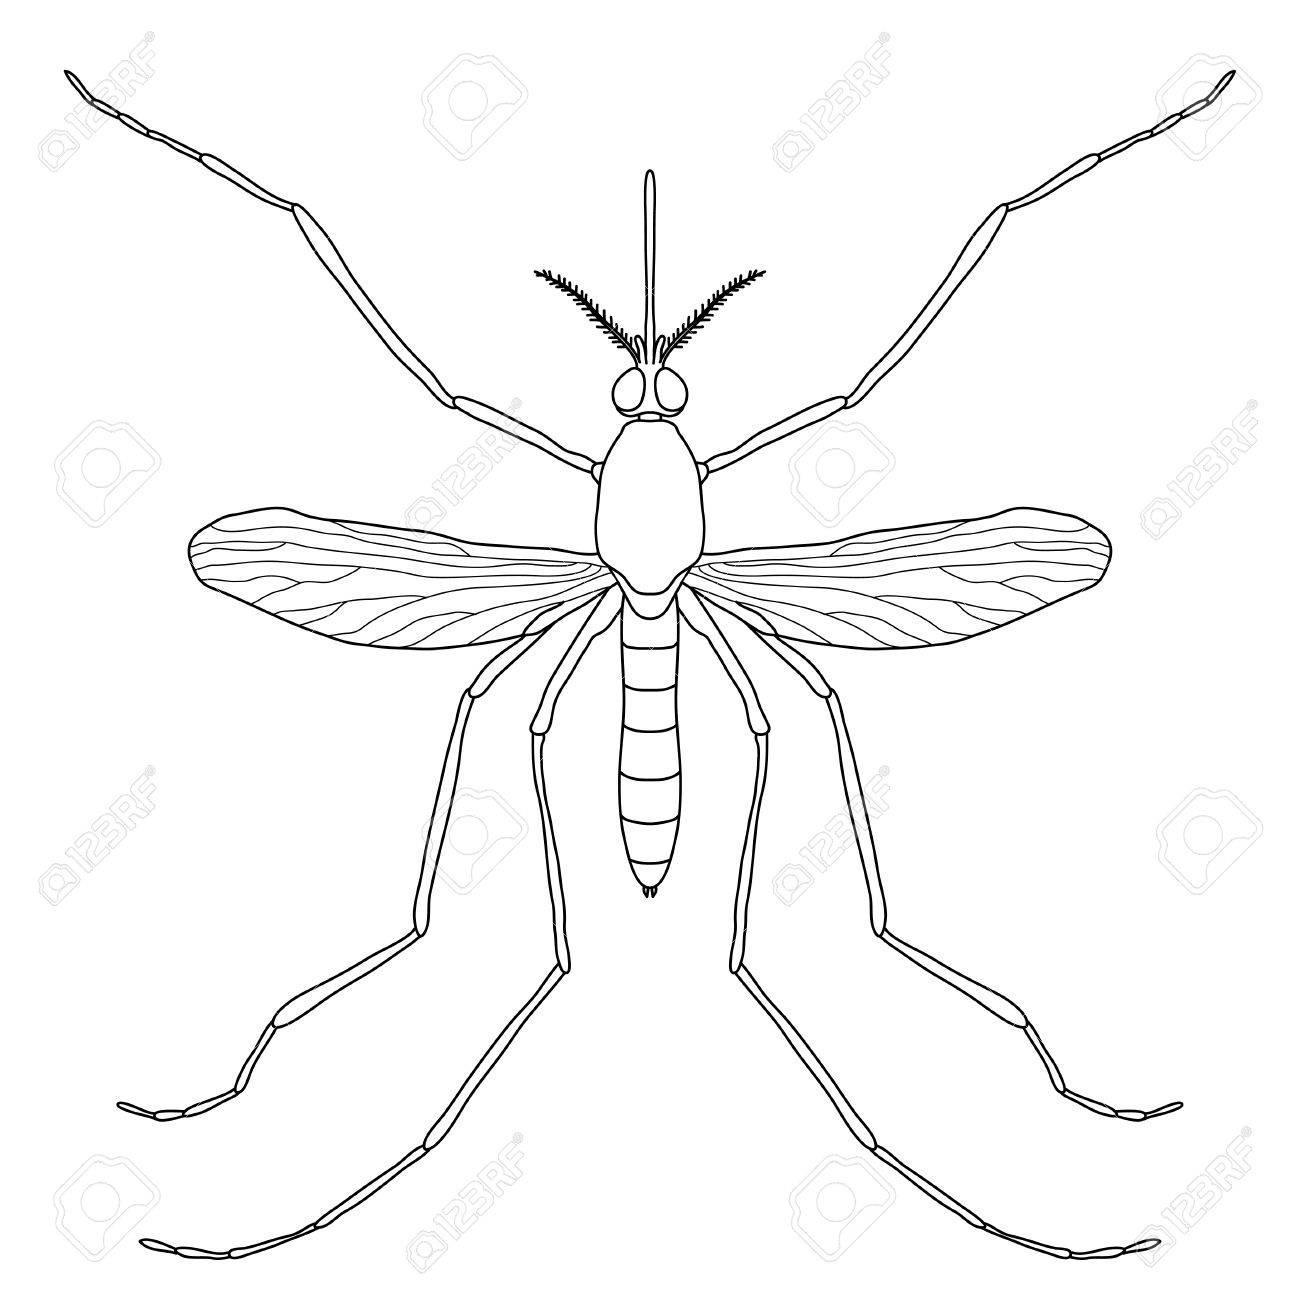 Insekt. Eine Realistische Mücke. Culex Pipiens Mosquito Silhouette ...